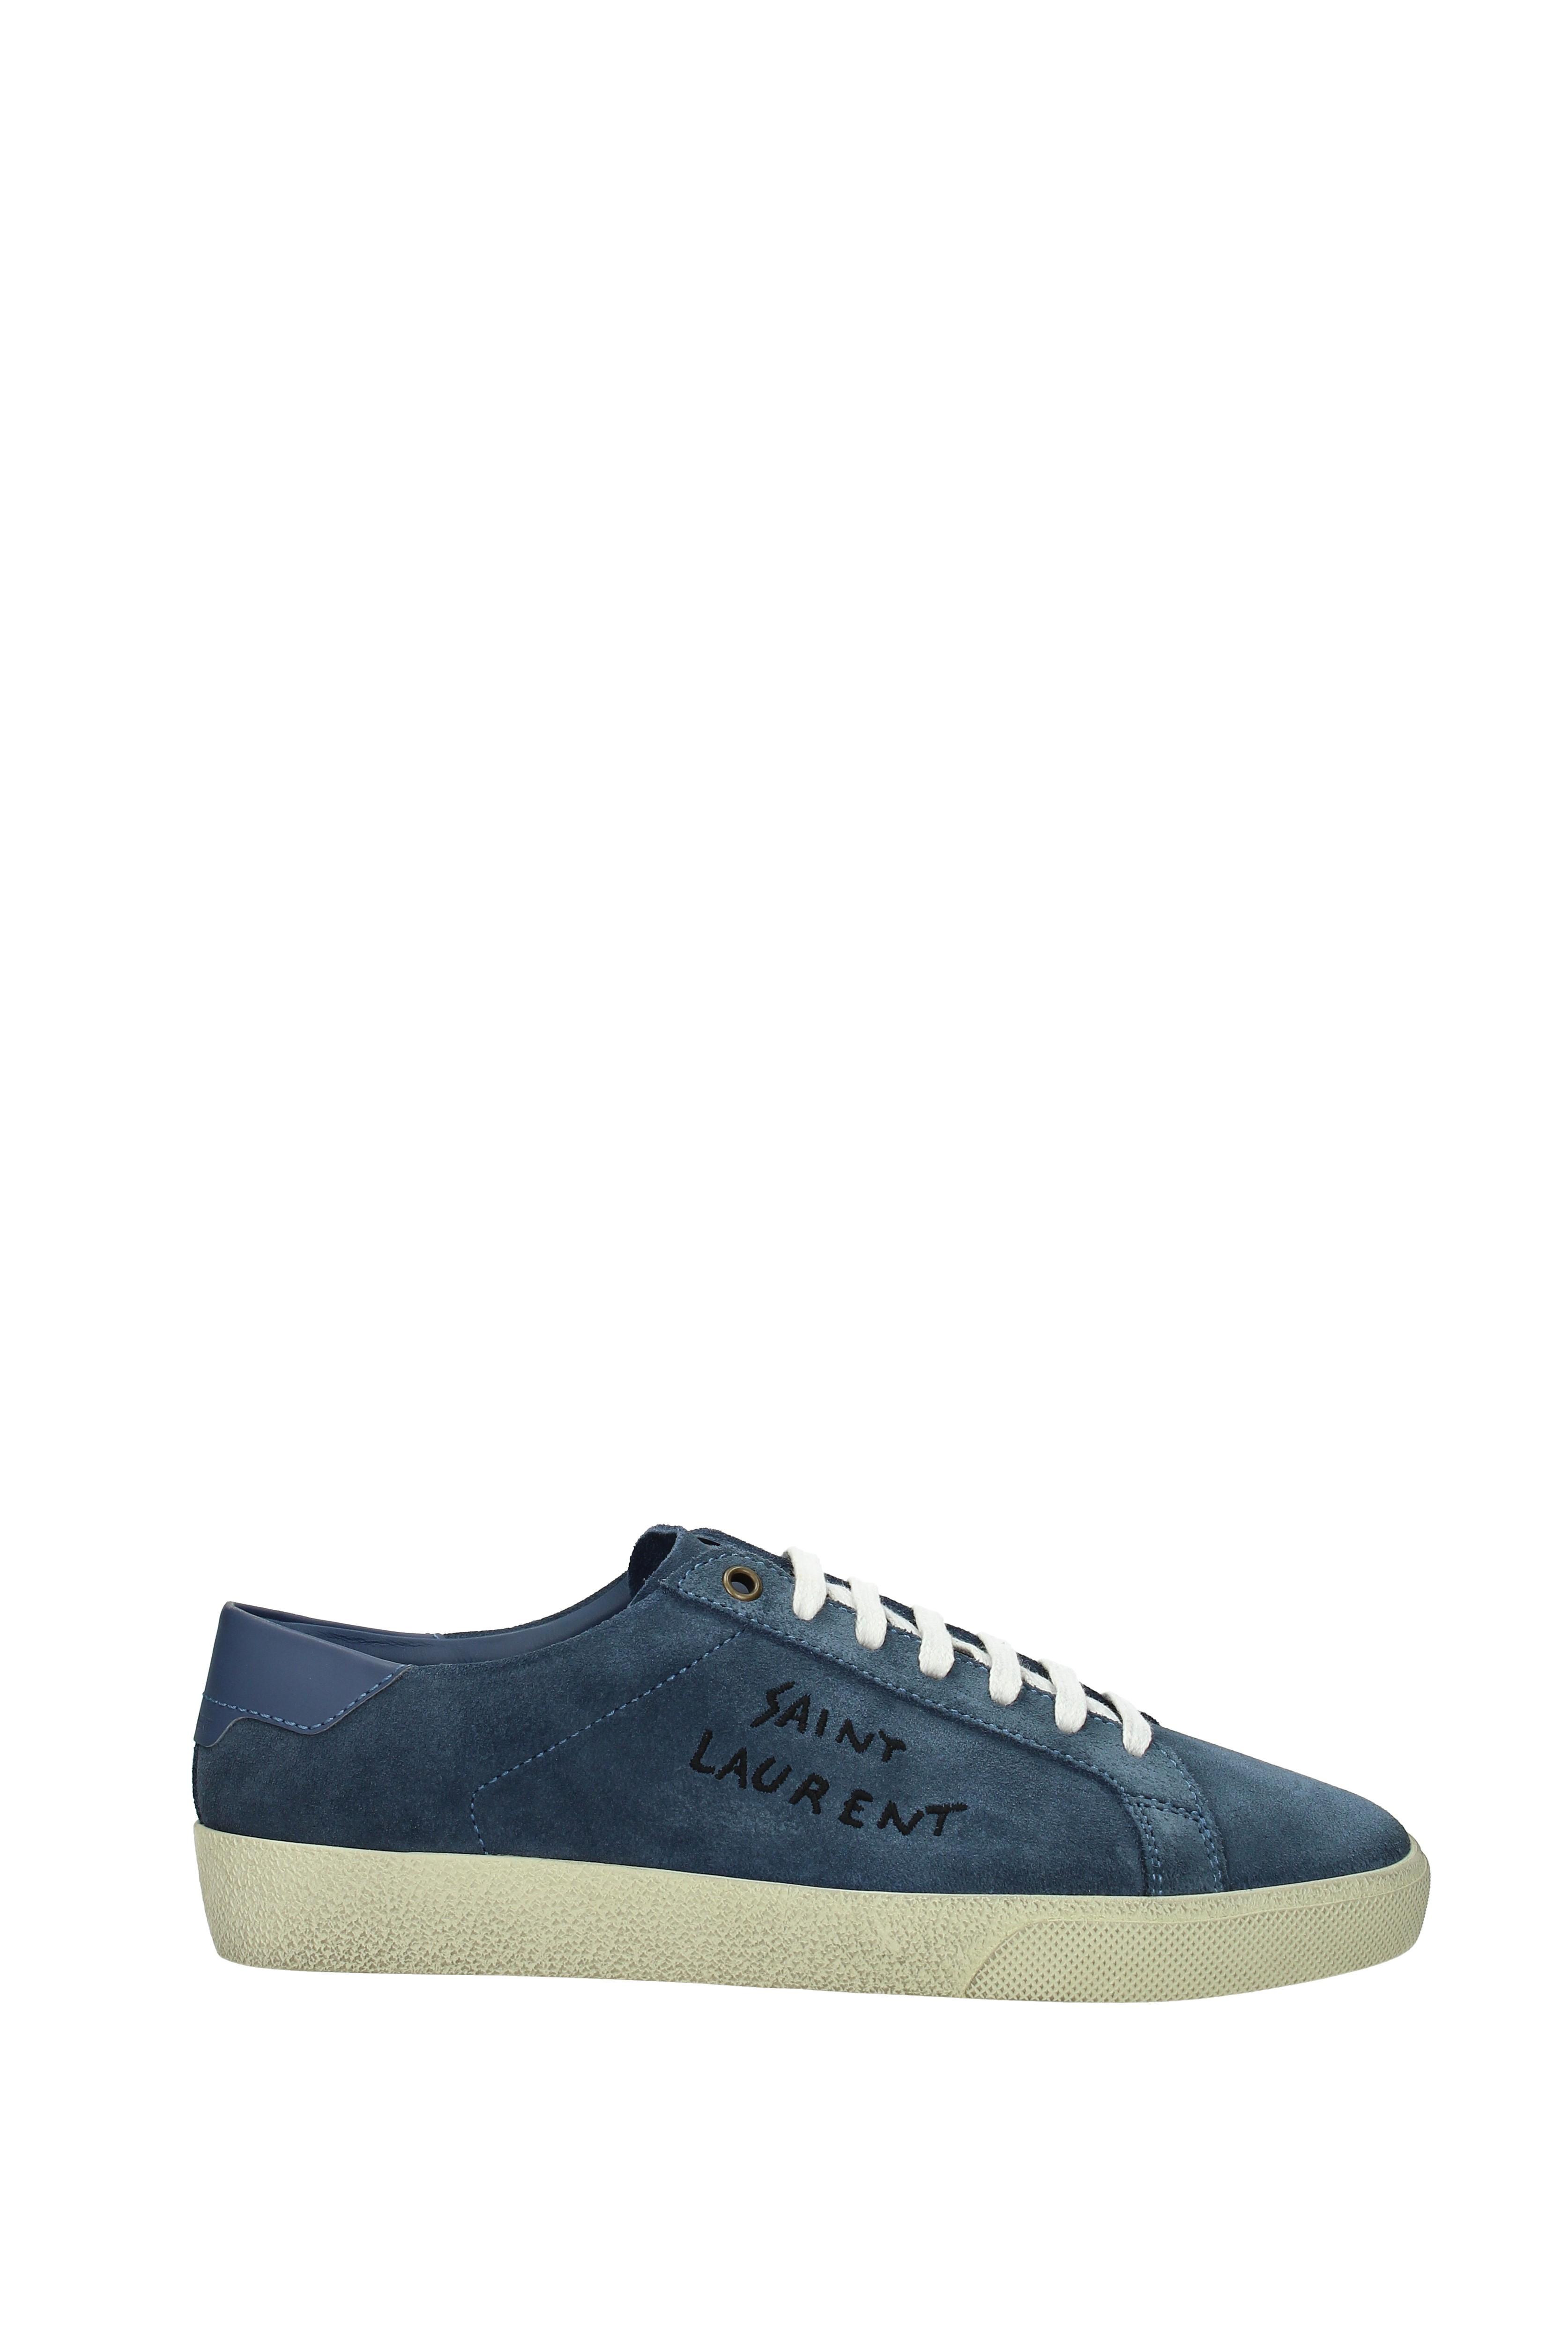 Sneakers Saint (498209D5XH0) Laurent Herren - Wildleder (498209D5XH0) Saint e7bf90